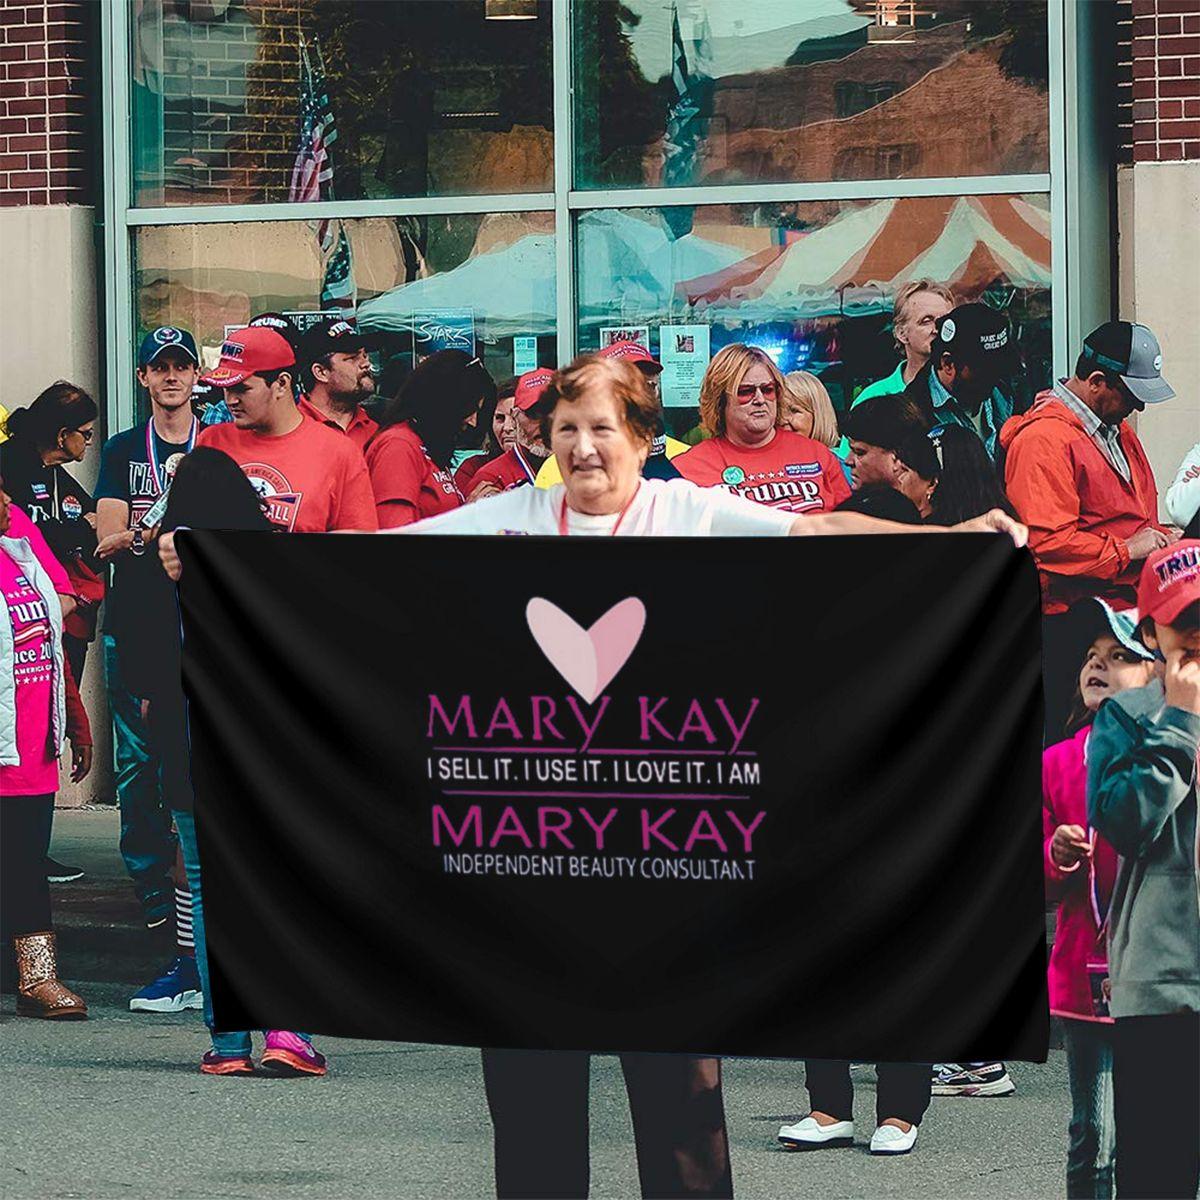 De Mary Kay vender lo uso me encanta Soy Mary Kay fiesta...